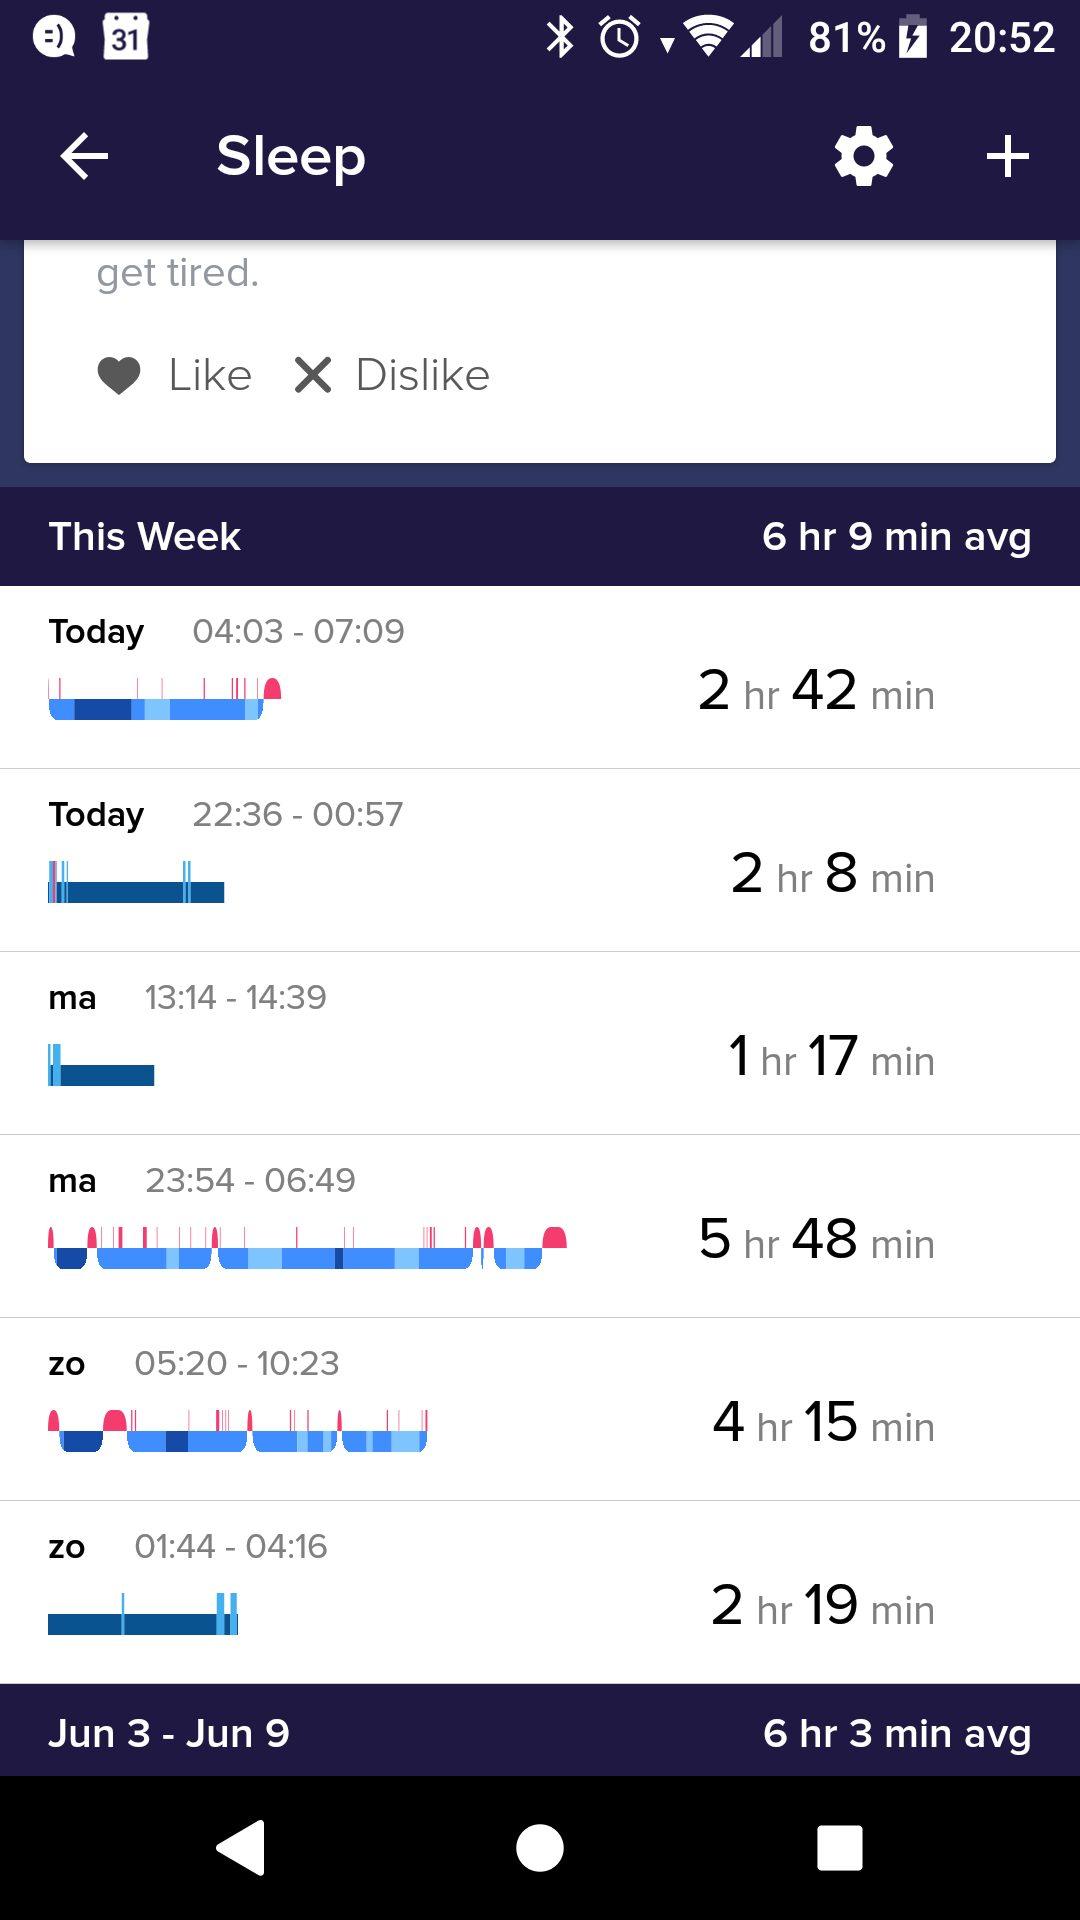 Overzicht van mijn uren slaap gemeten door mijn Fitbit.